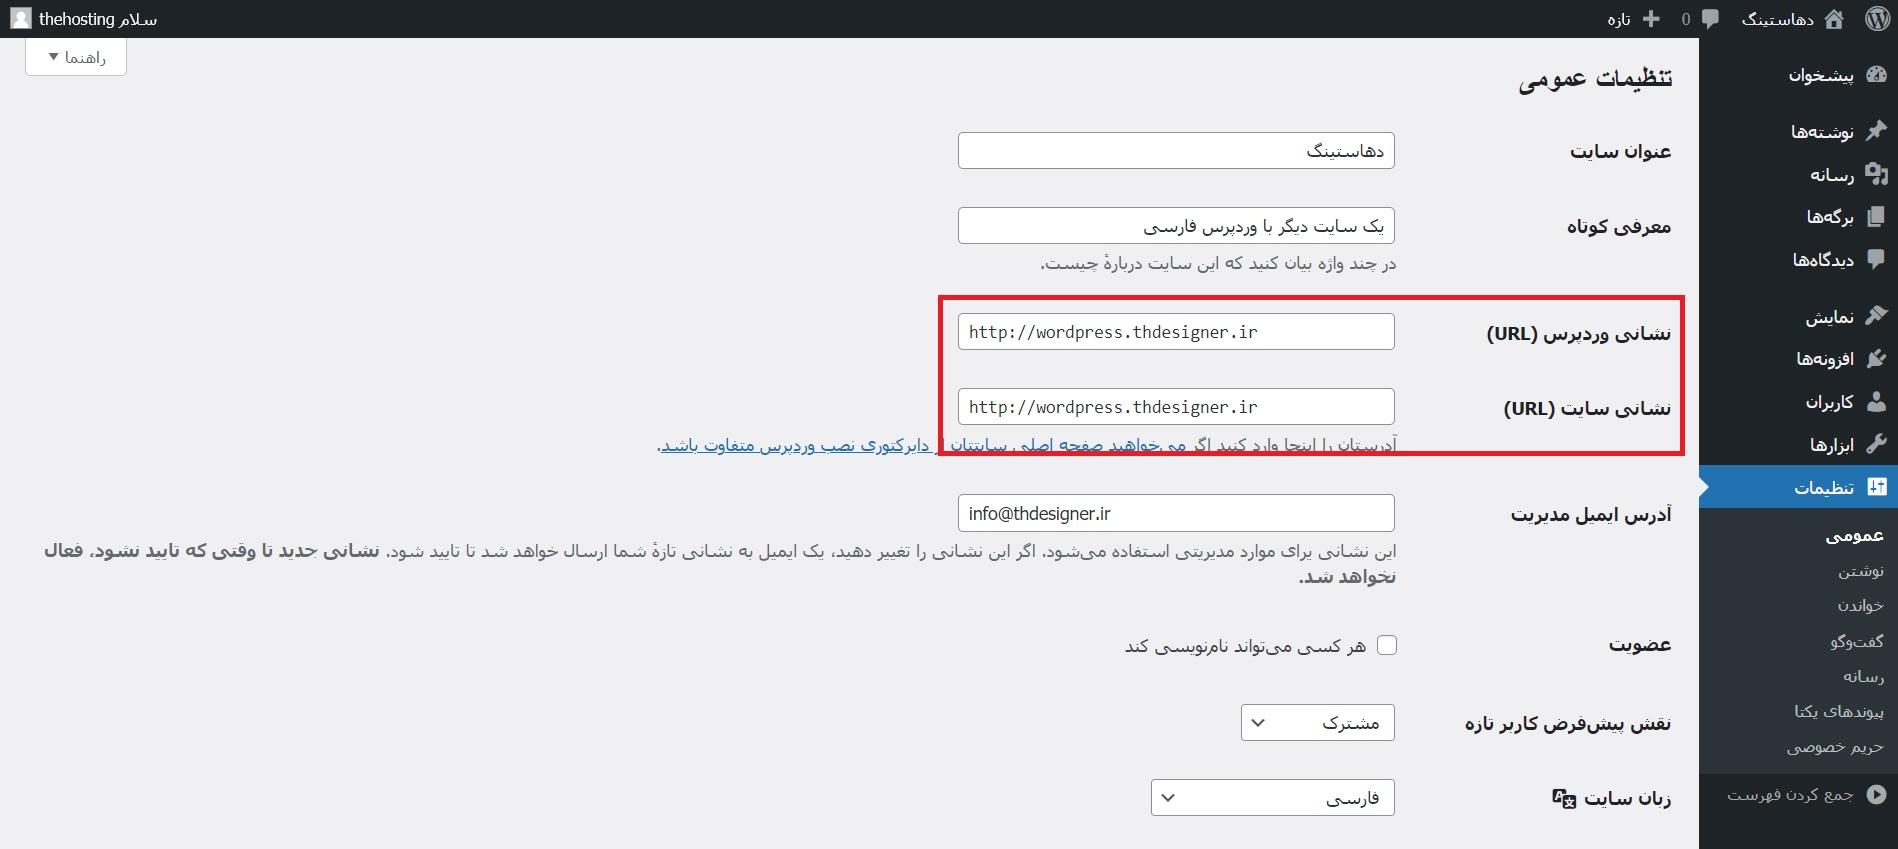 رفع مشکل از کار افتادن وردپرس بعد از تغییر آدرس